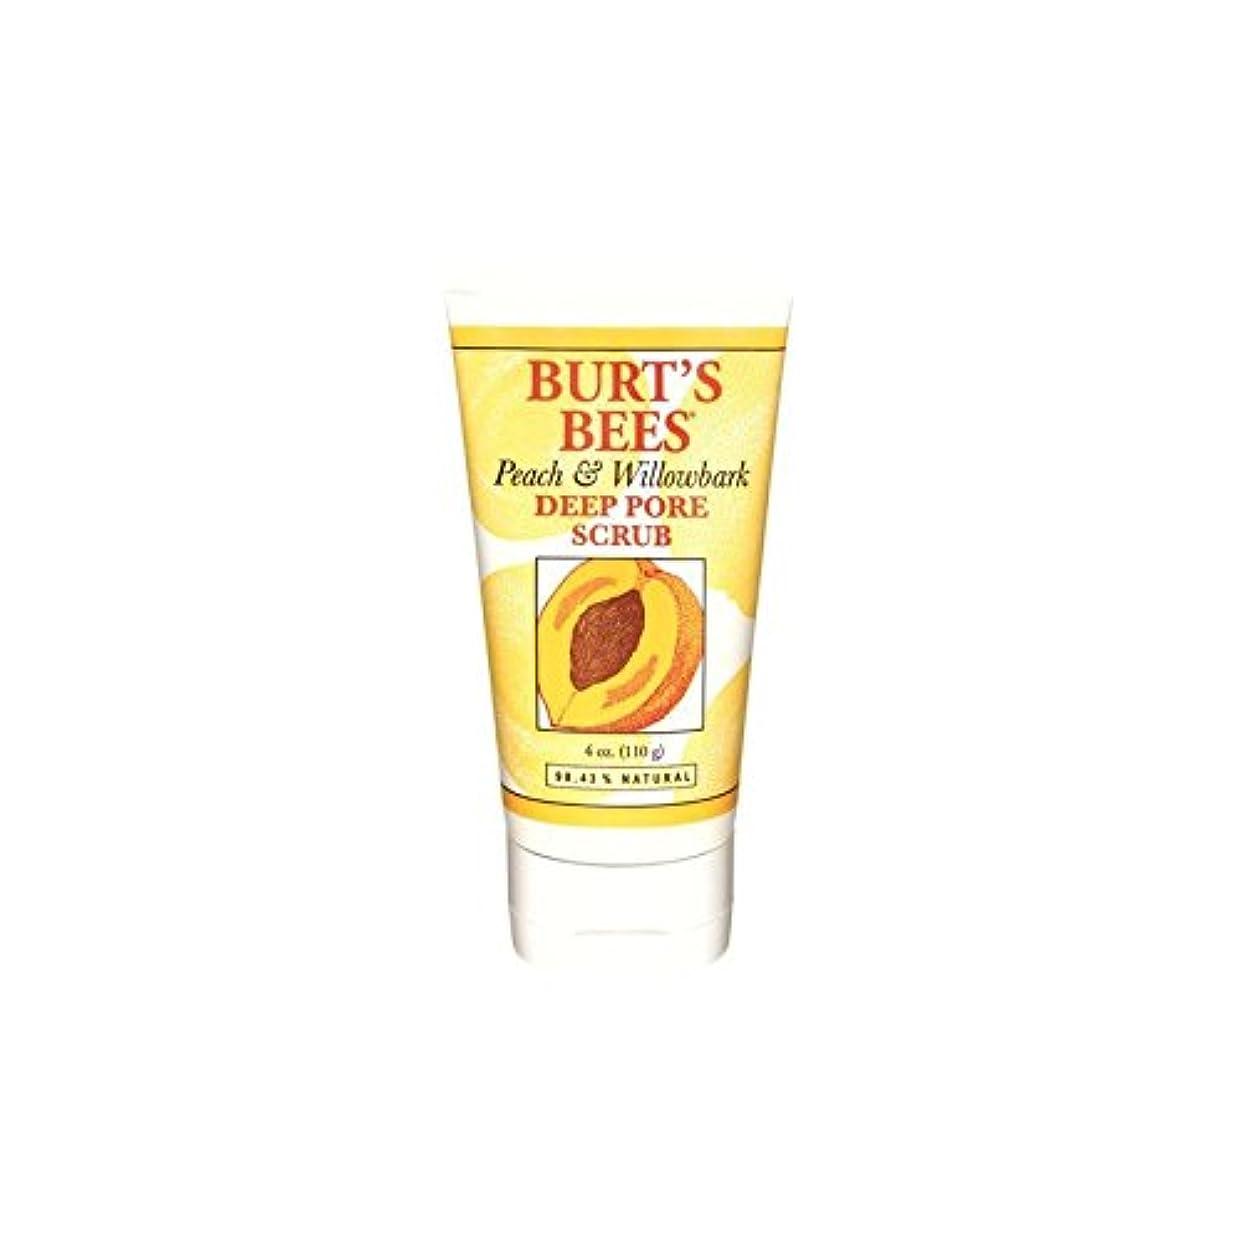 着るフィット処方Burt's Bees Peach & Willowbark Deep Pore Scrub (4 Oz / 110G) - バーツビーの桃&深いポアスクラブ(4オンス/ 110グラム) [並行輸入品]